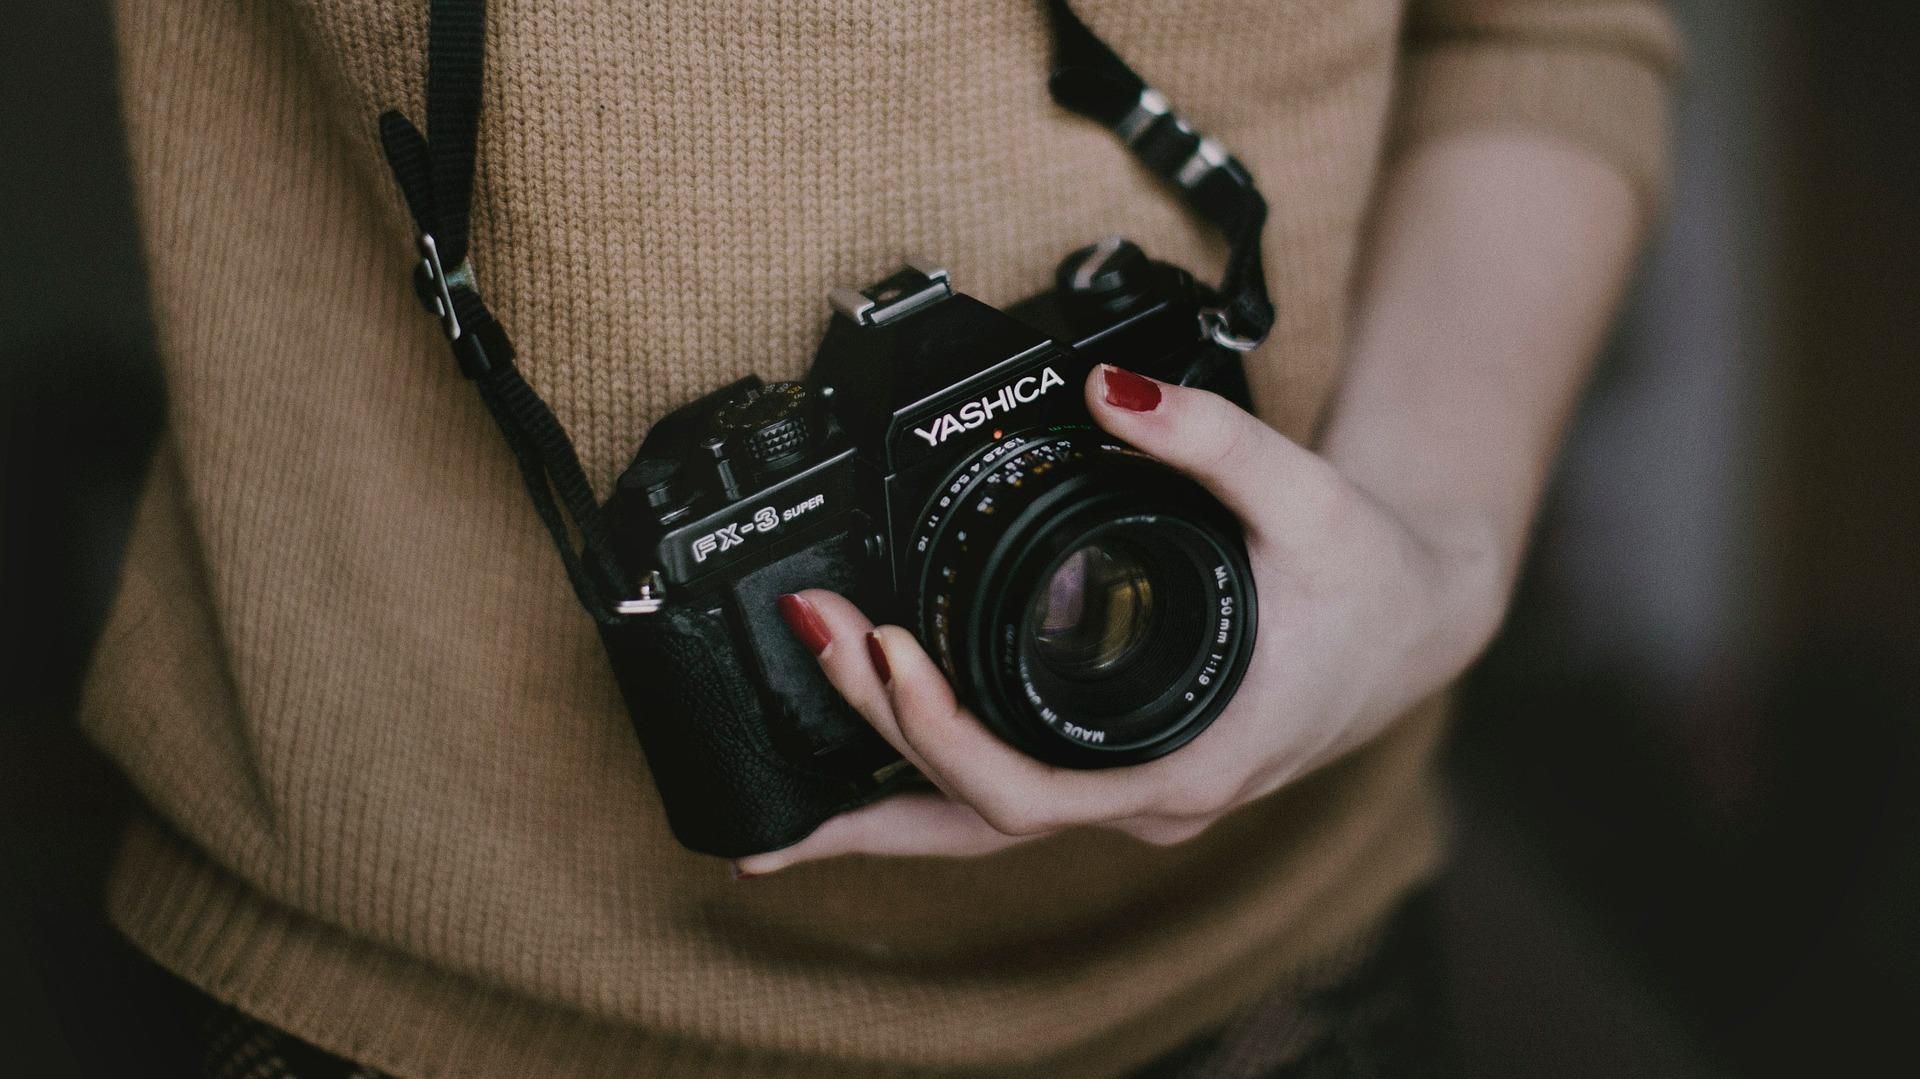 趣味としての写真撮影の魅力